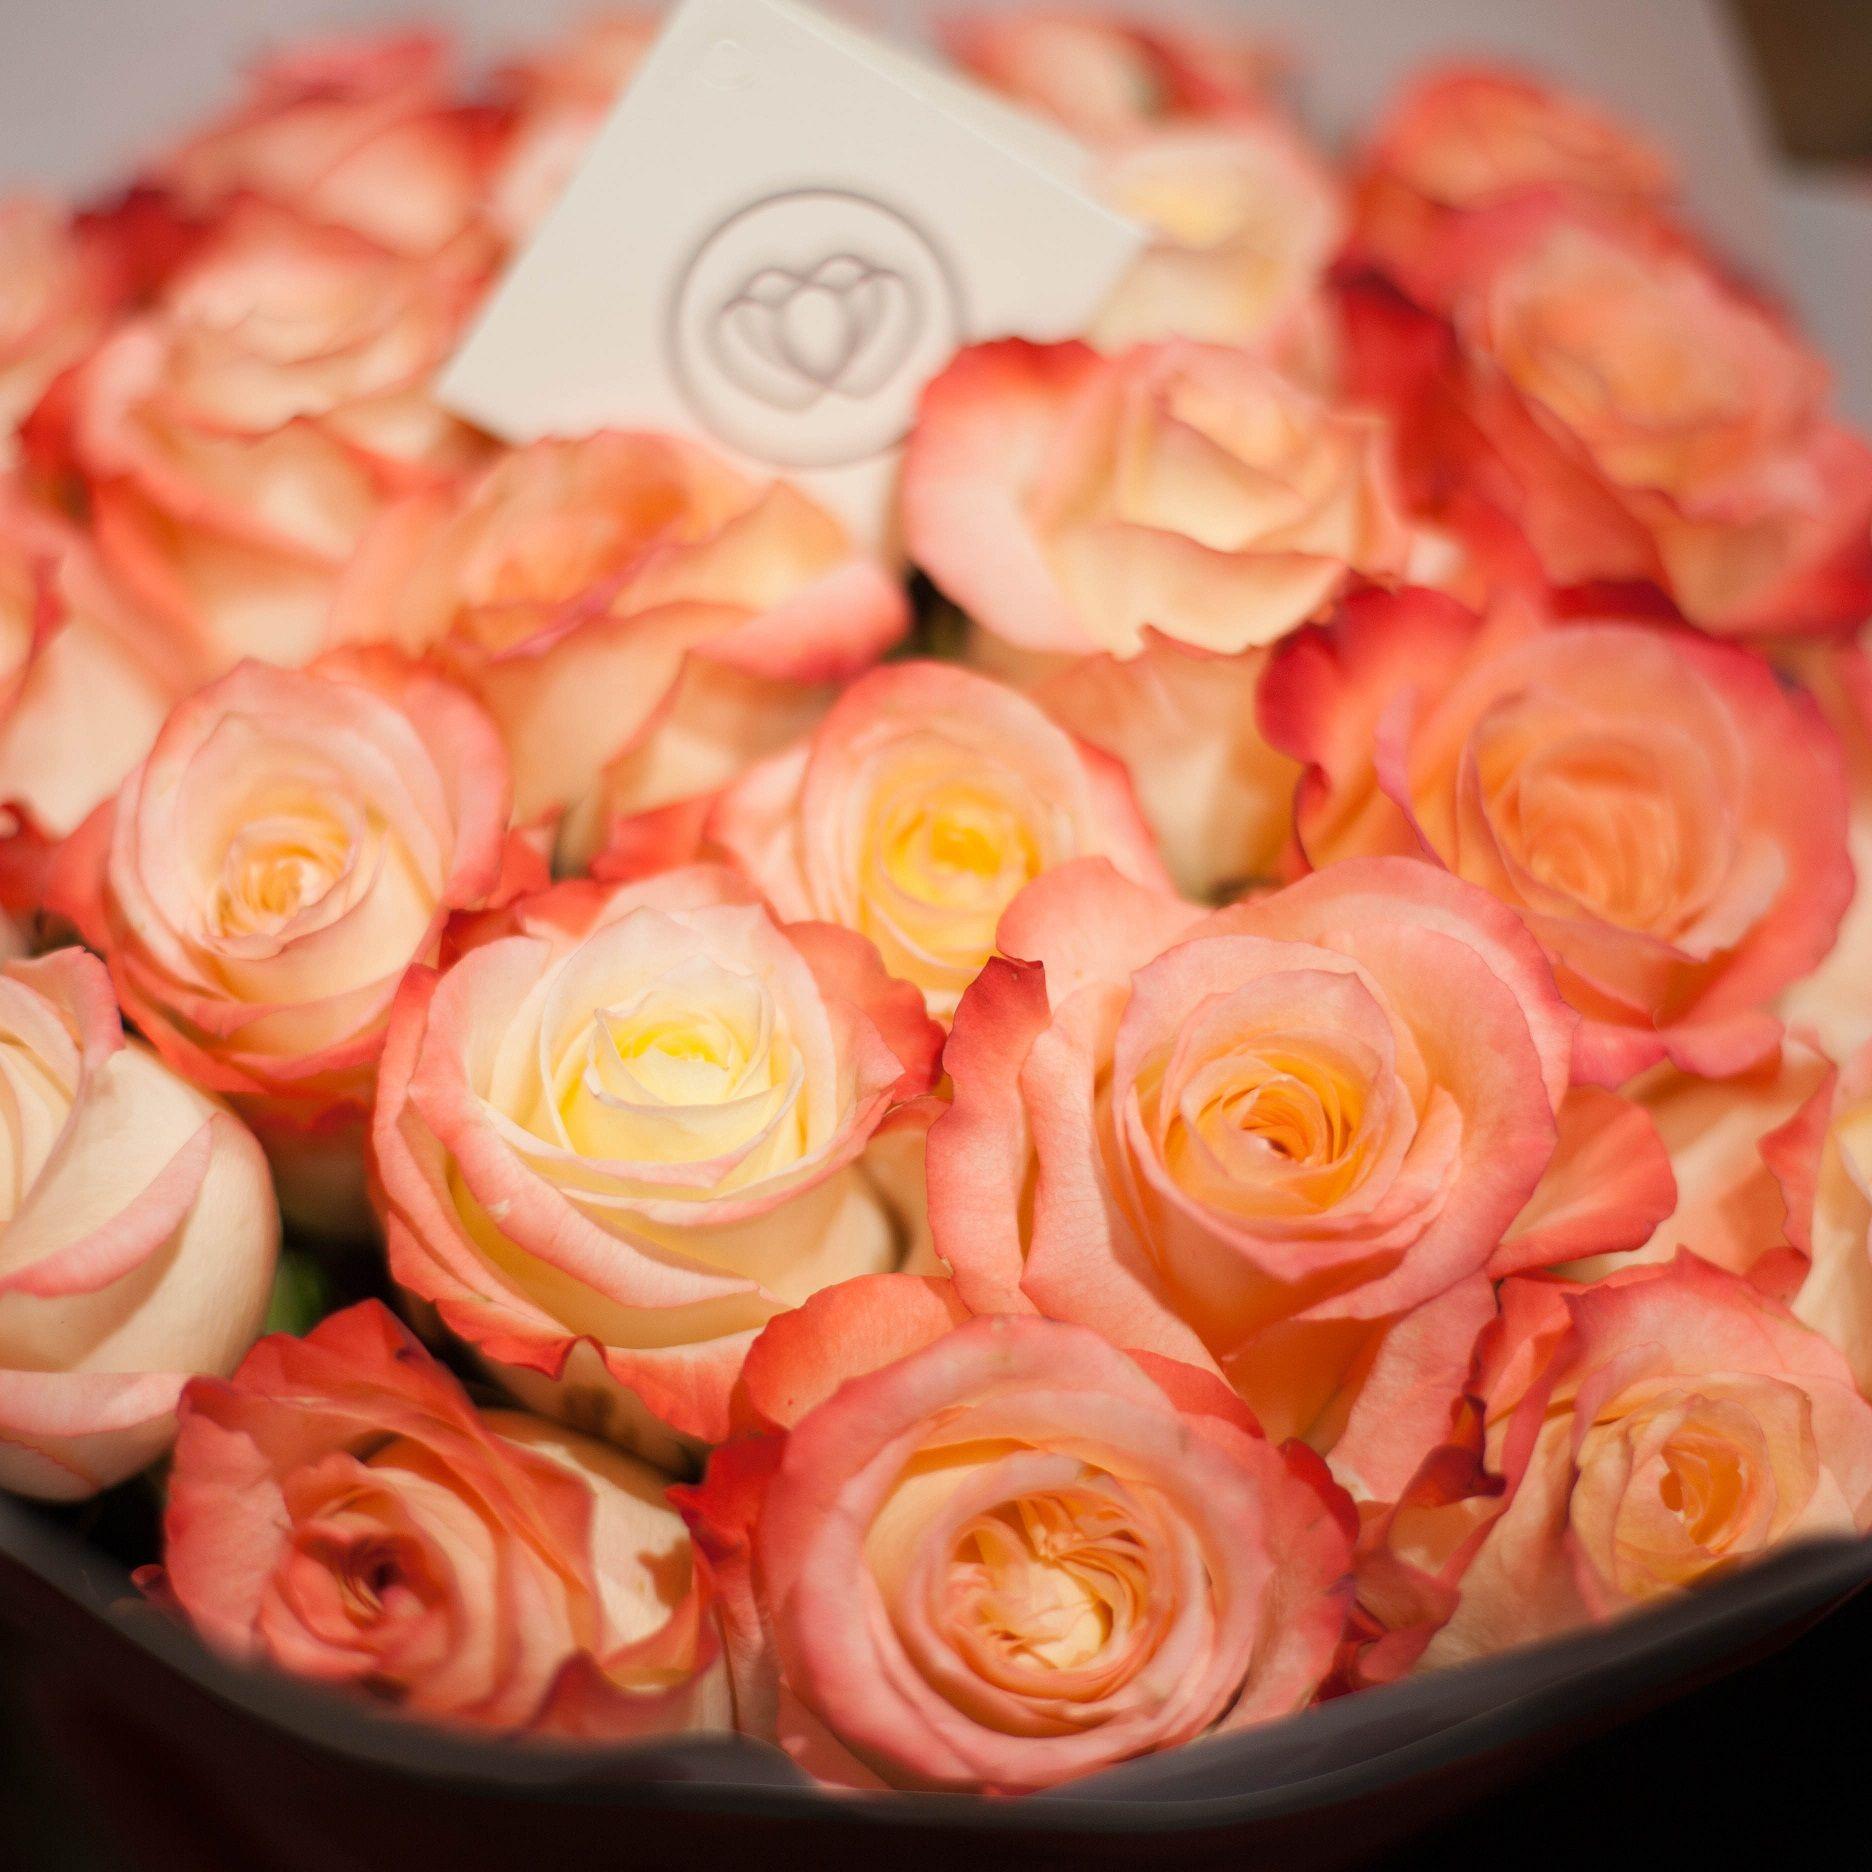 Кремовые с красной каймой розы Cabaret 50 см опт фото